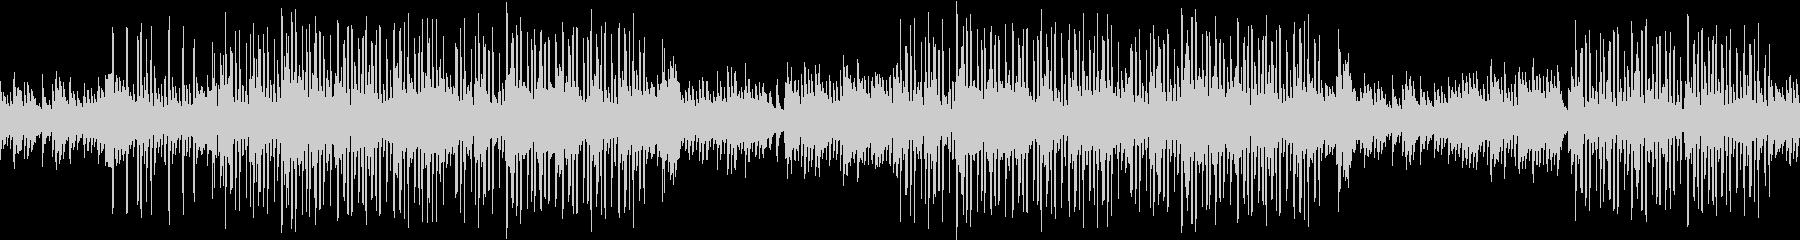 センチメンタル・懐かしい・感動・ピアノの未再生の波形